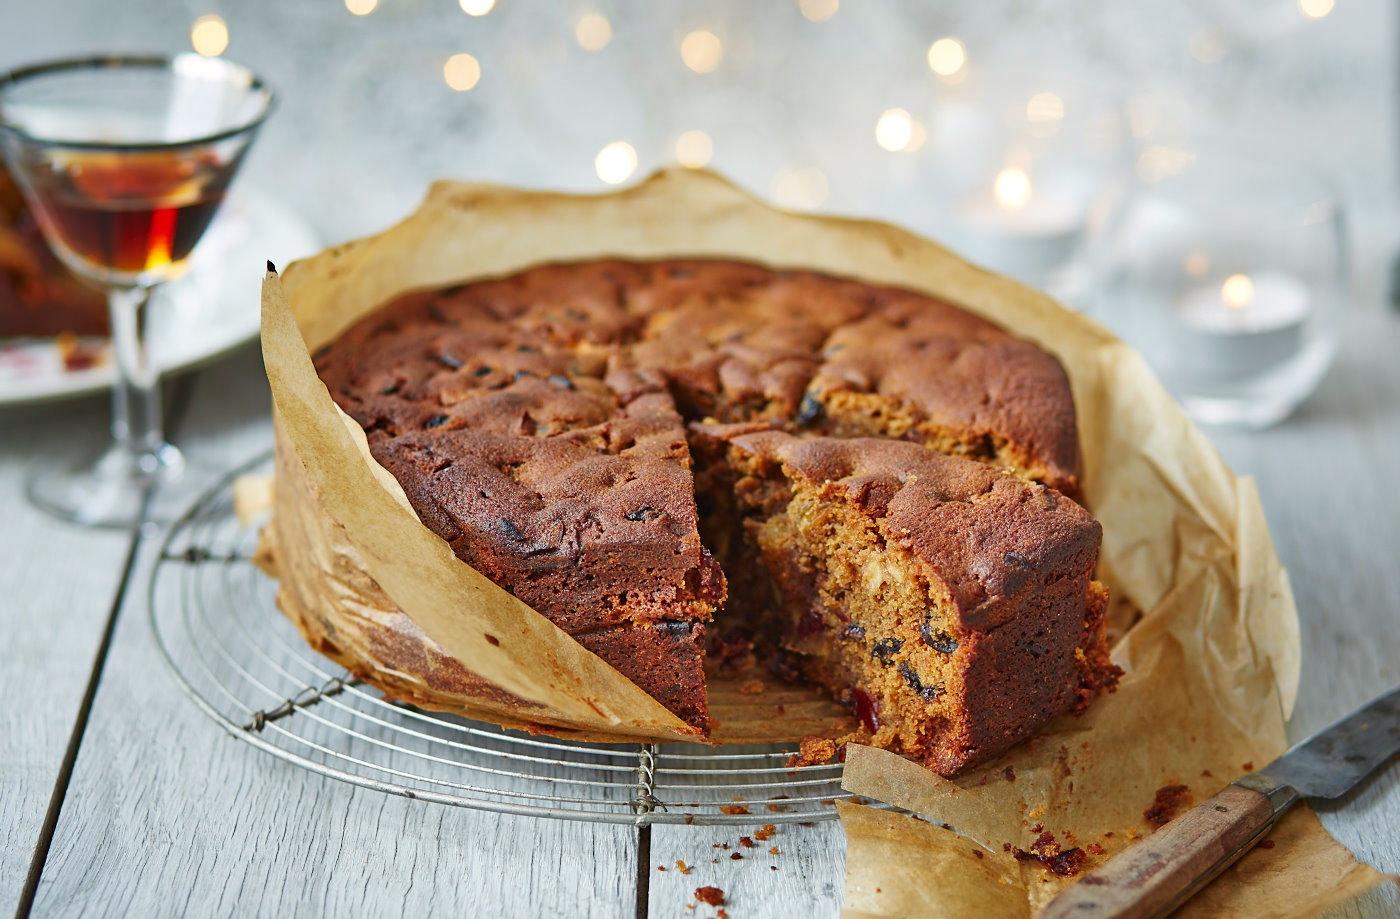 Christmas Cake Icing Recipe No Eggs: Nut-Free Christmas Cake Recipe